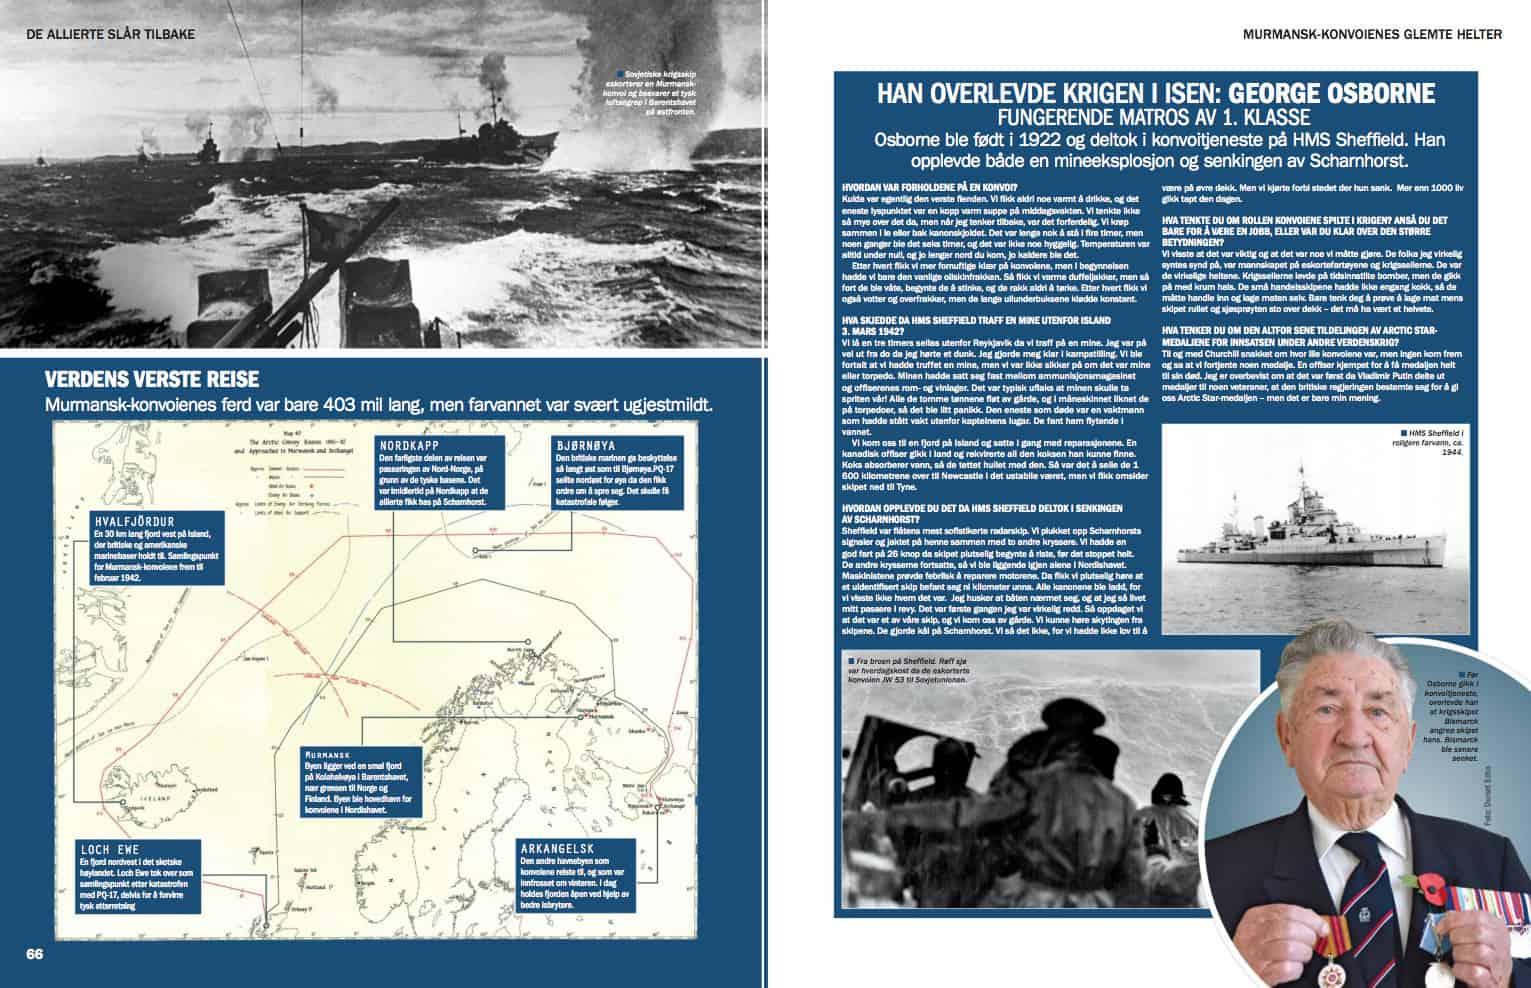 Murmansk-konvoienes glemte helter, oppslag